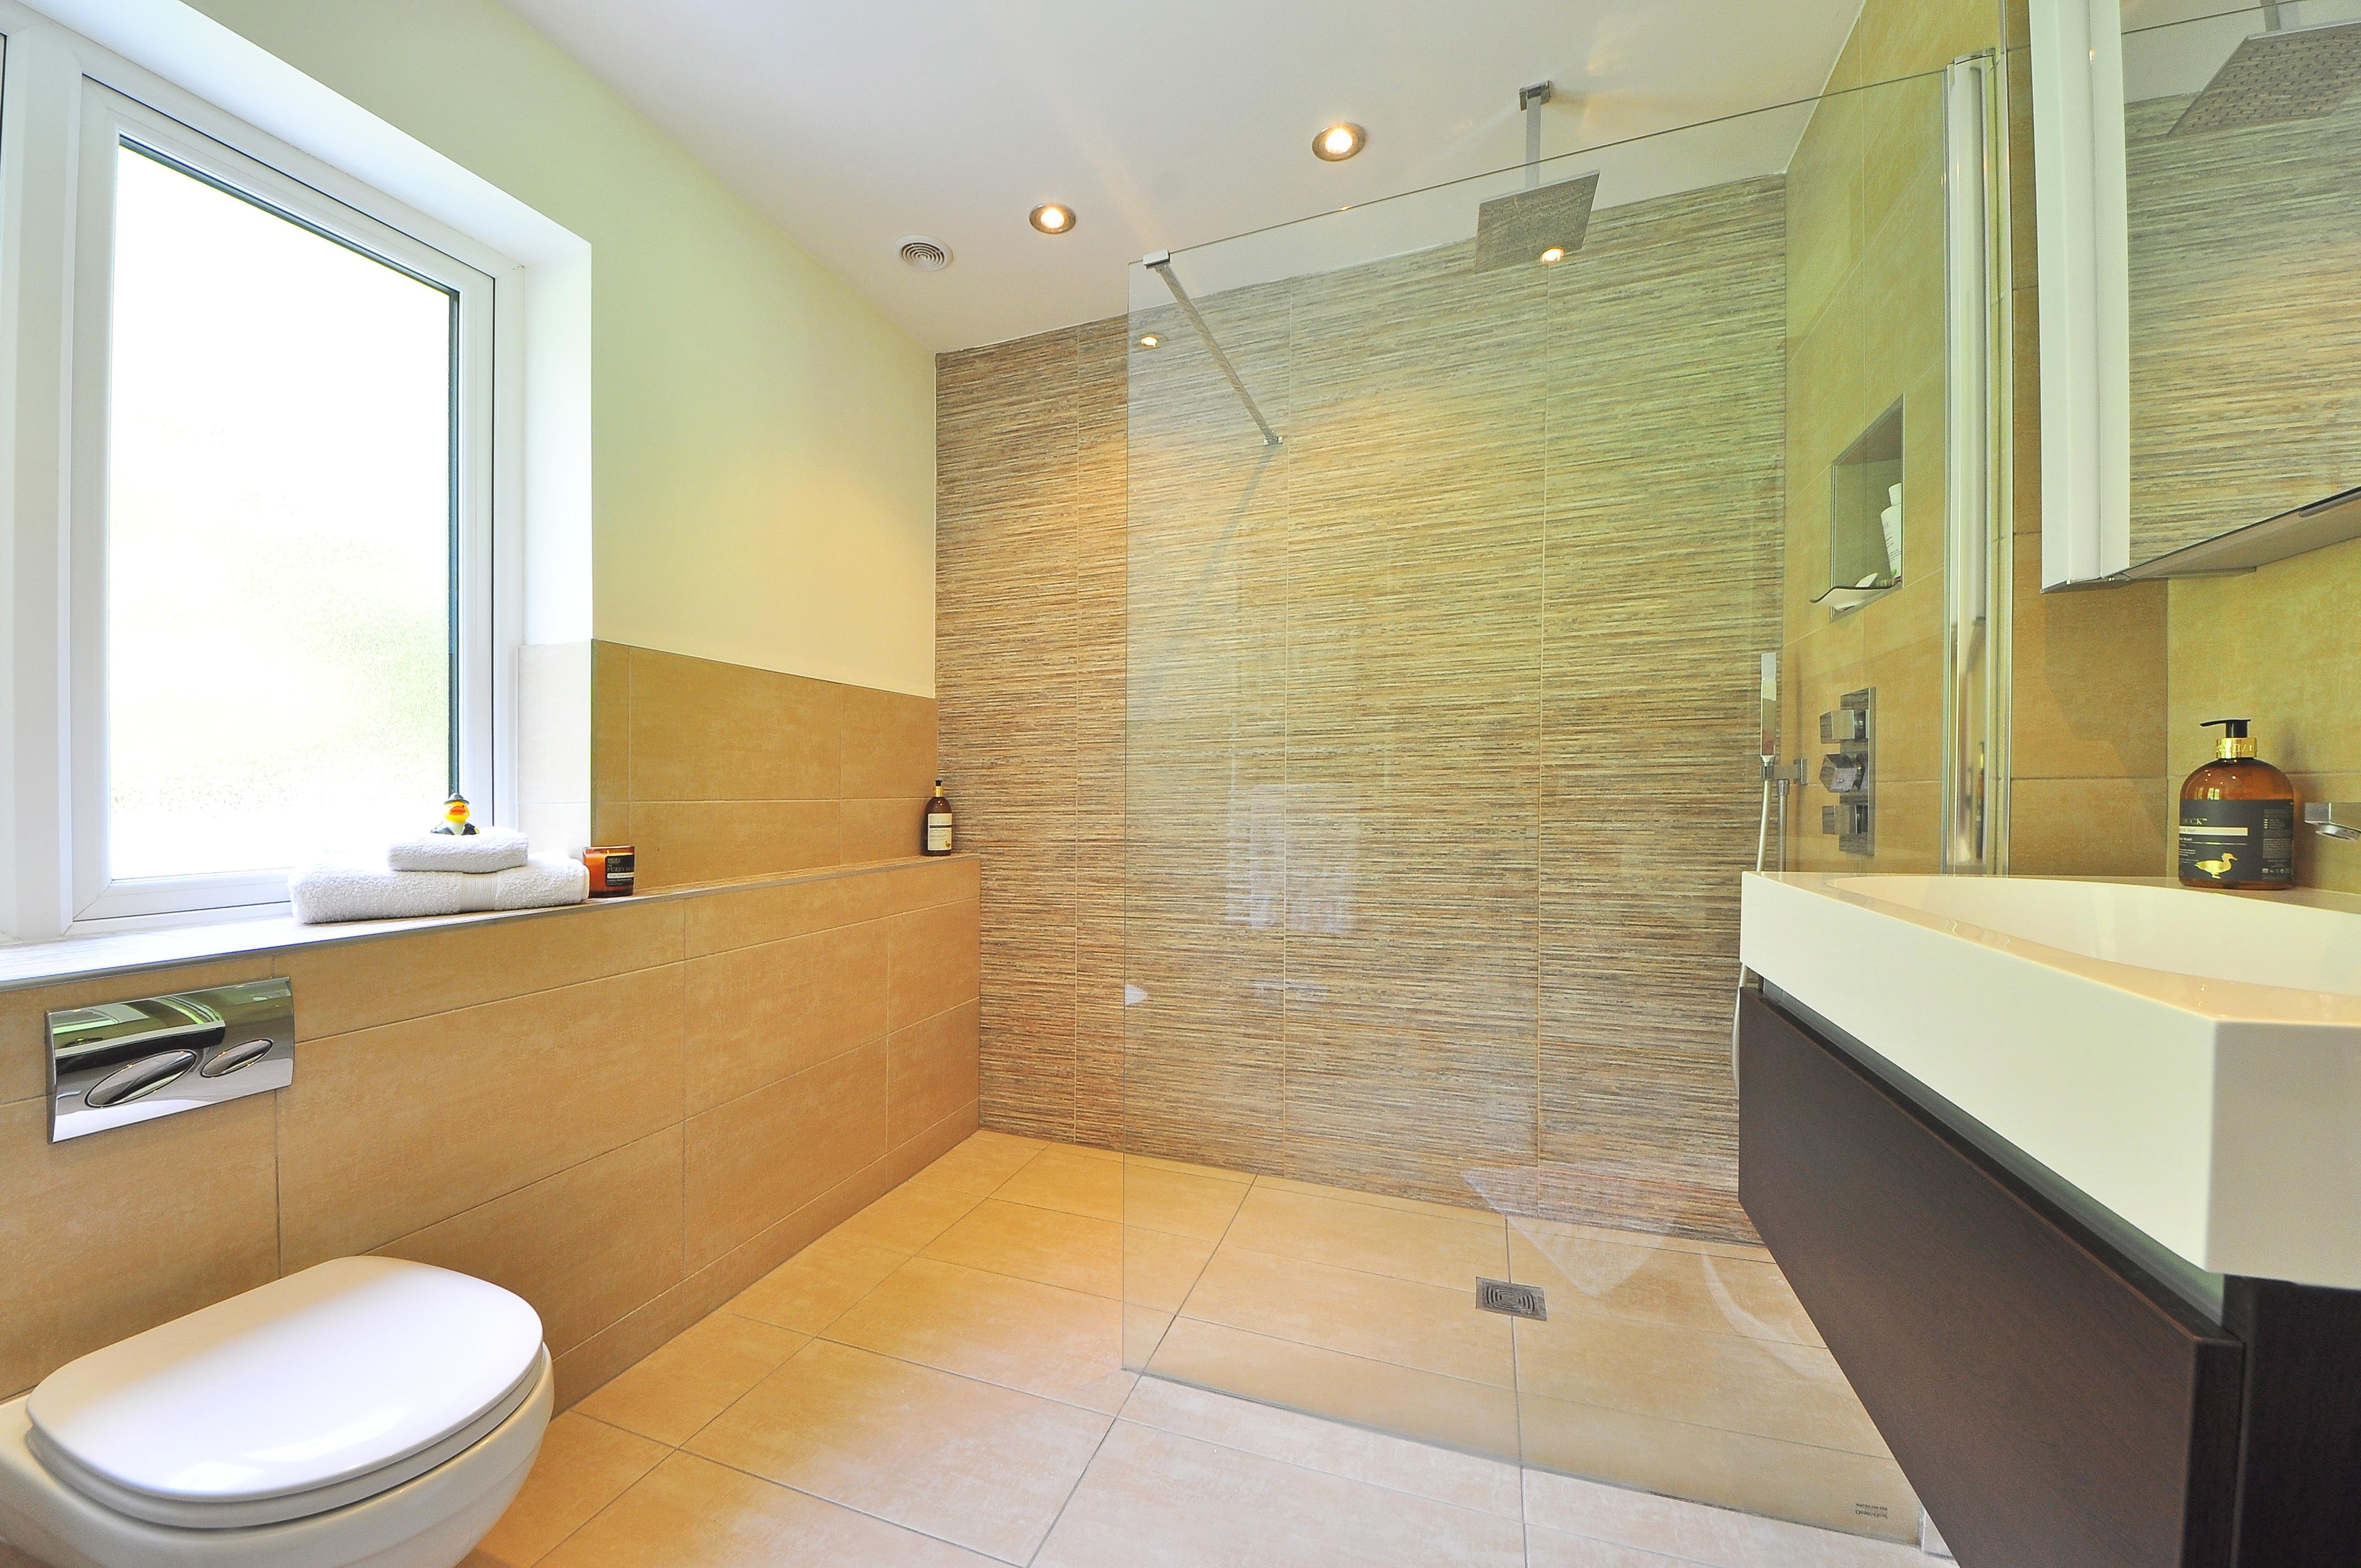 Fotos gratis piso casa propiedad apartamento dise o - Diseno de interiores gratis ...